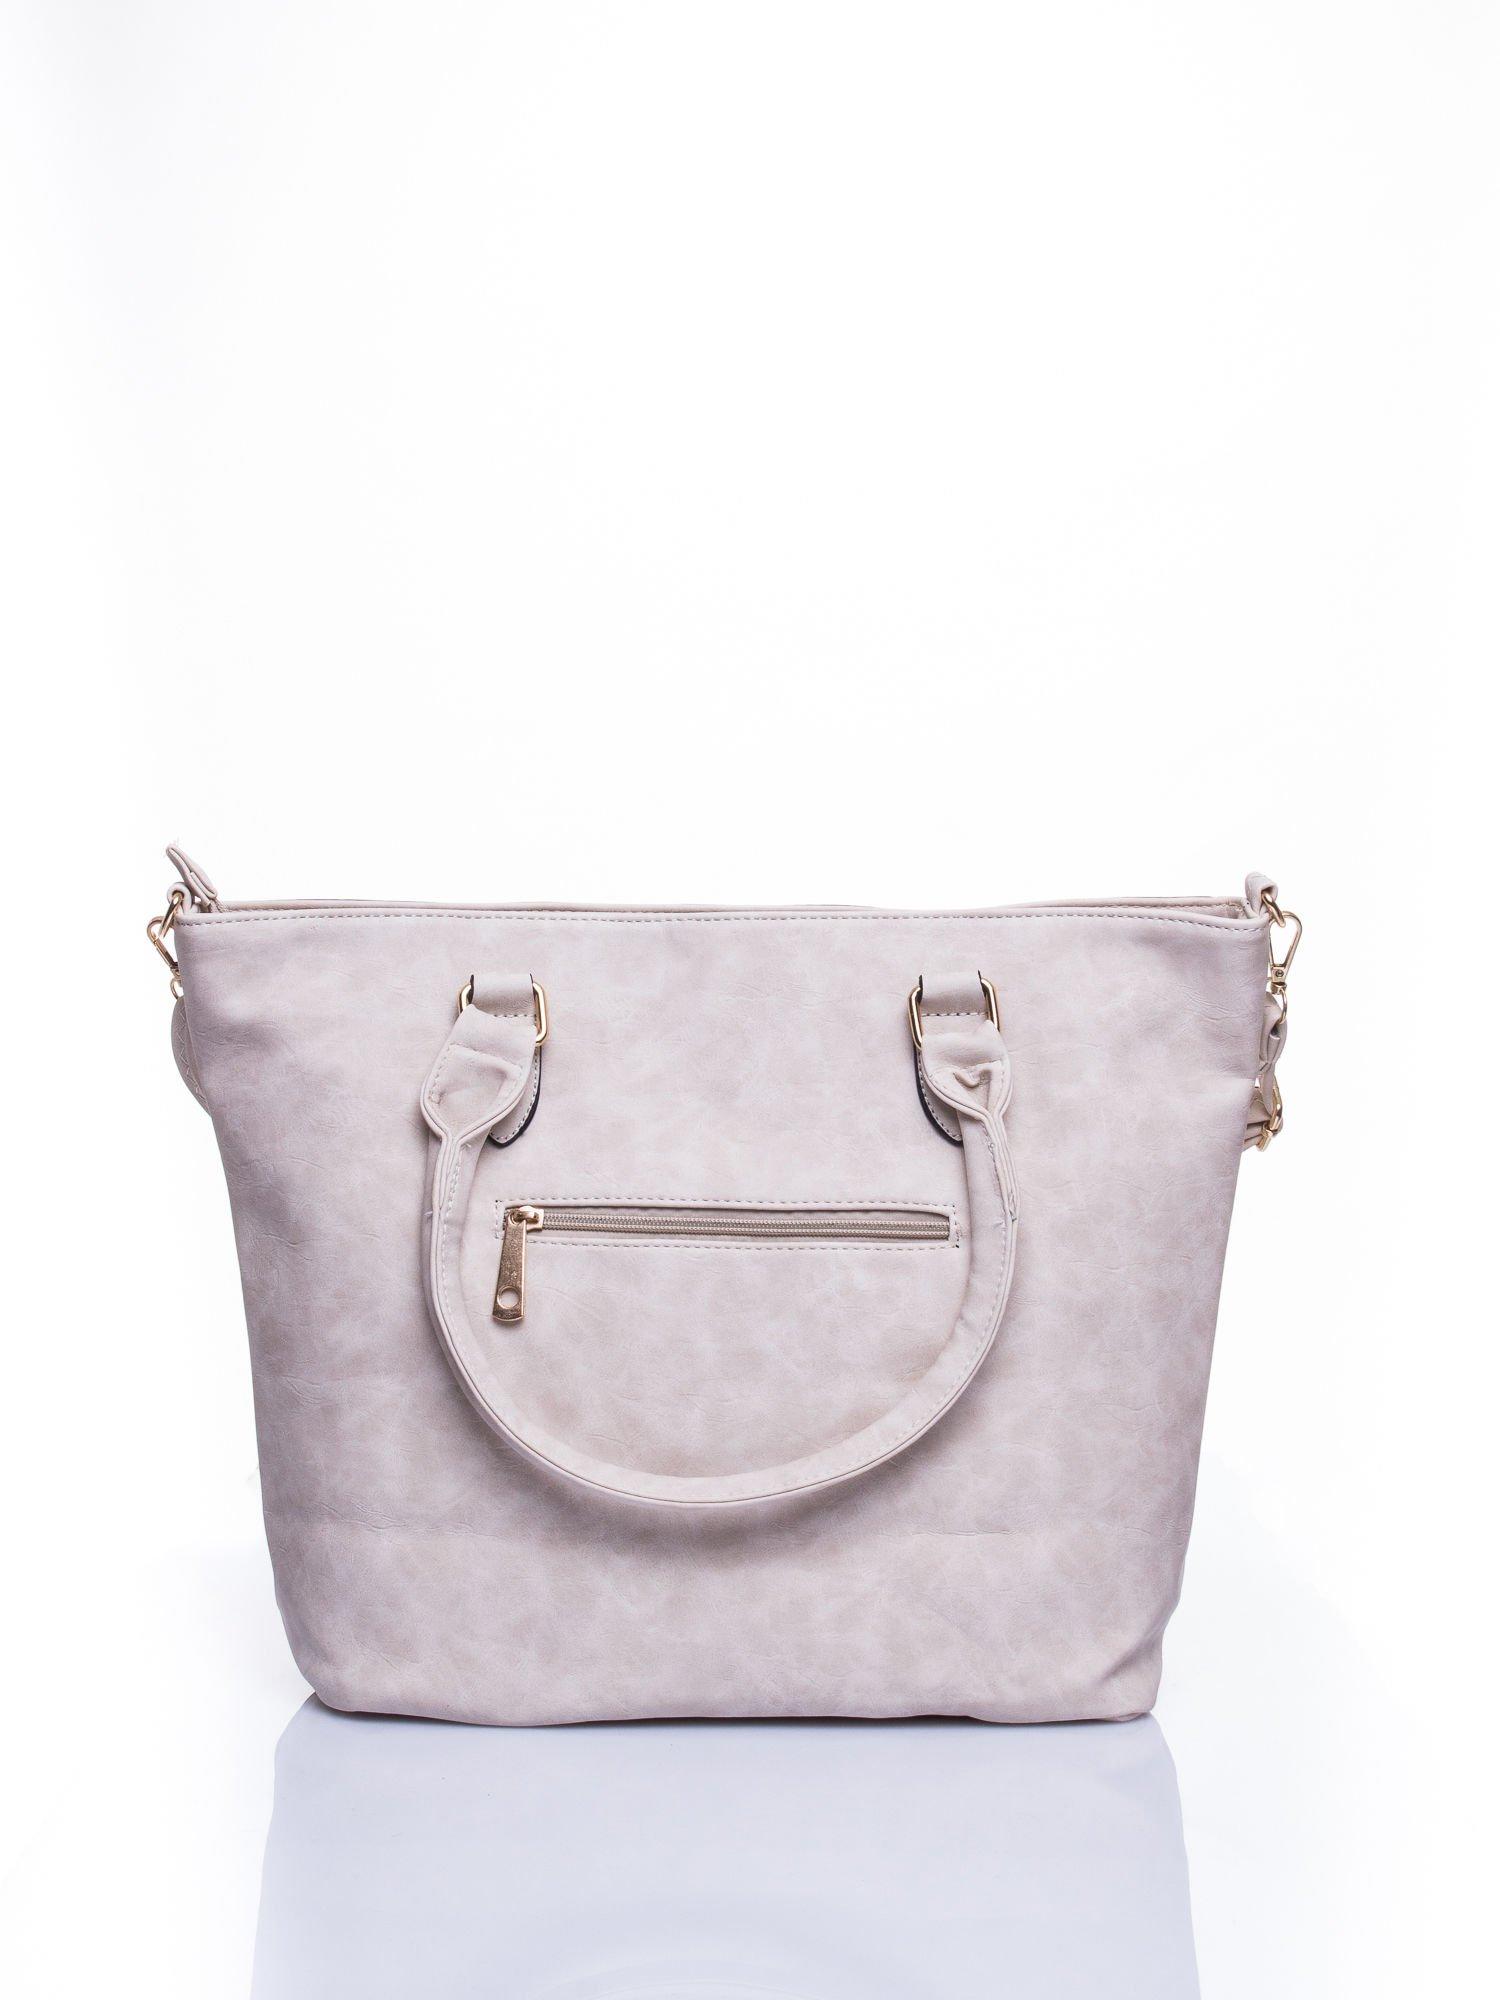 Jasnobeżowa torba city bag na ramię                                  zdj.                                  2